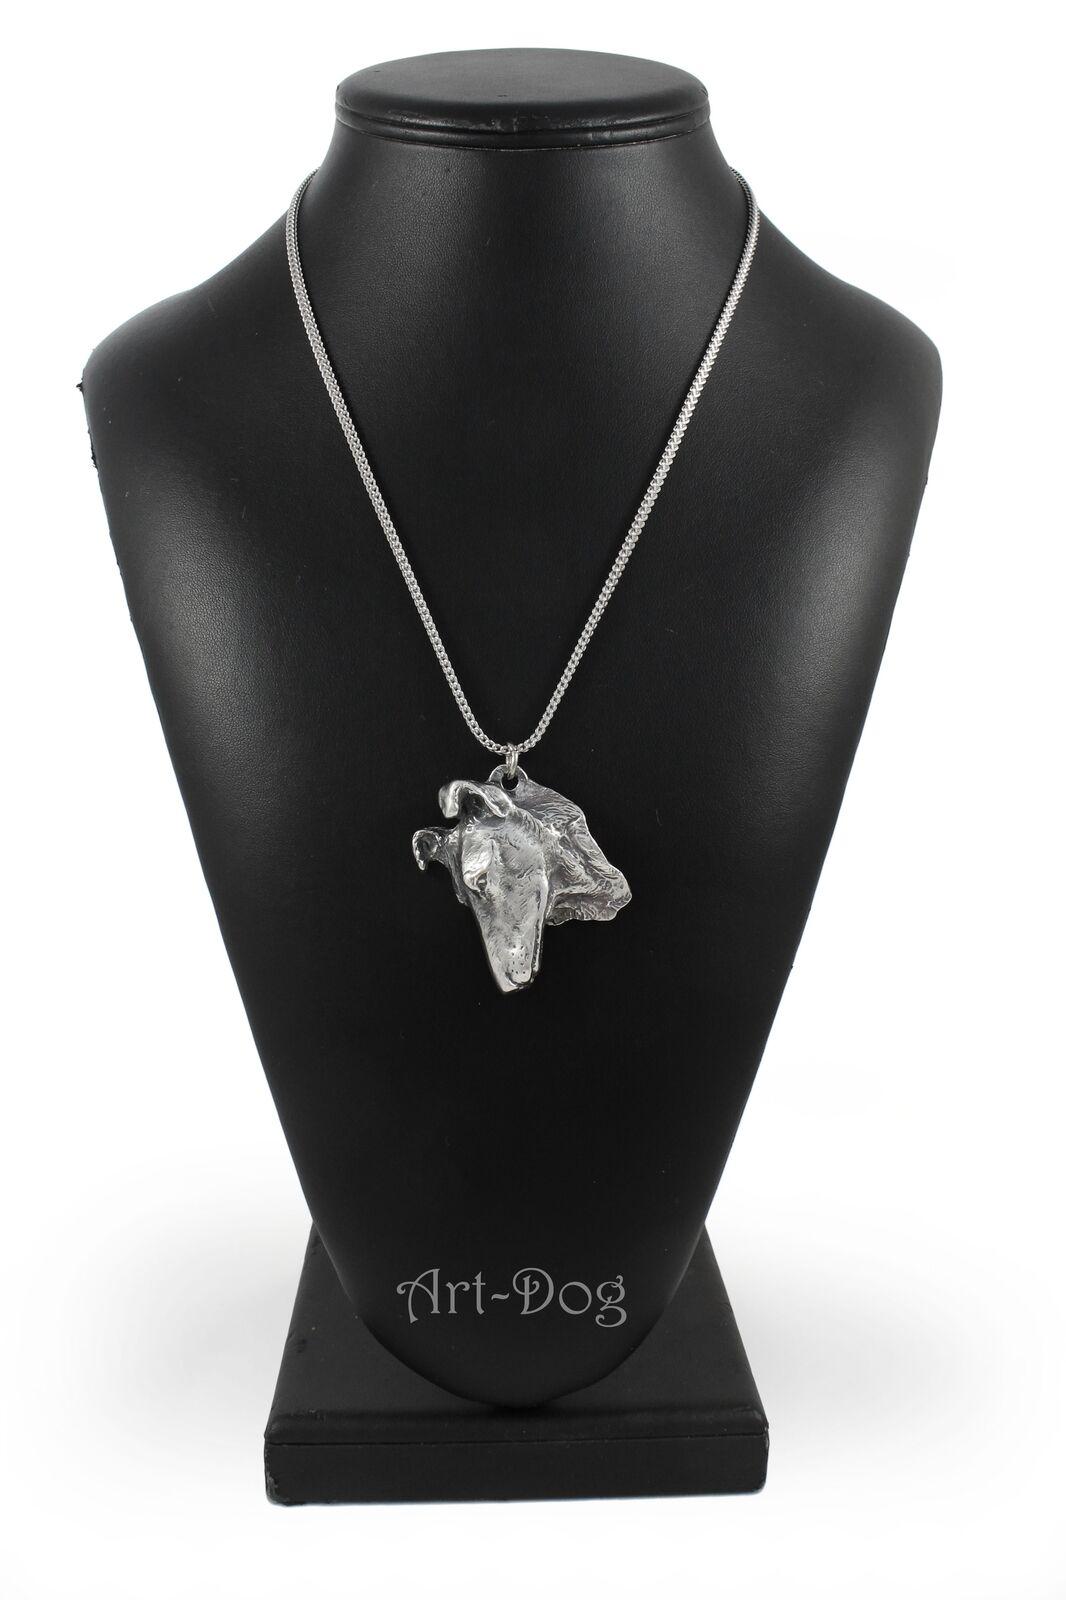 Colley à poil court- court- court- collier en argento plaqué sur une chaîne en argento ArtDog FR 344ed6